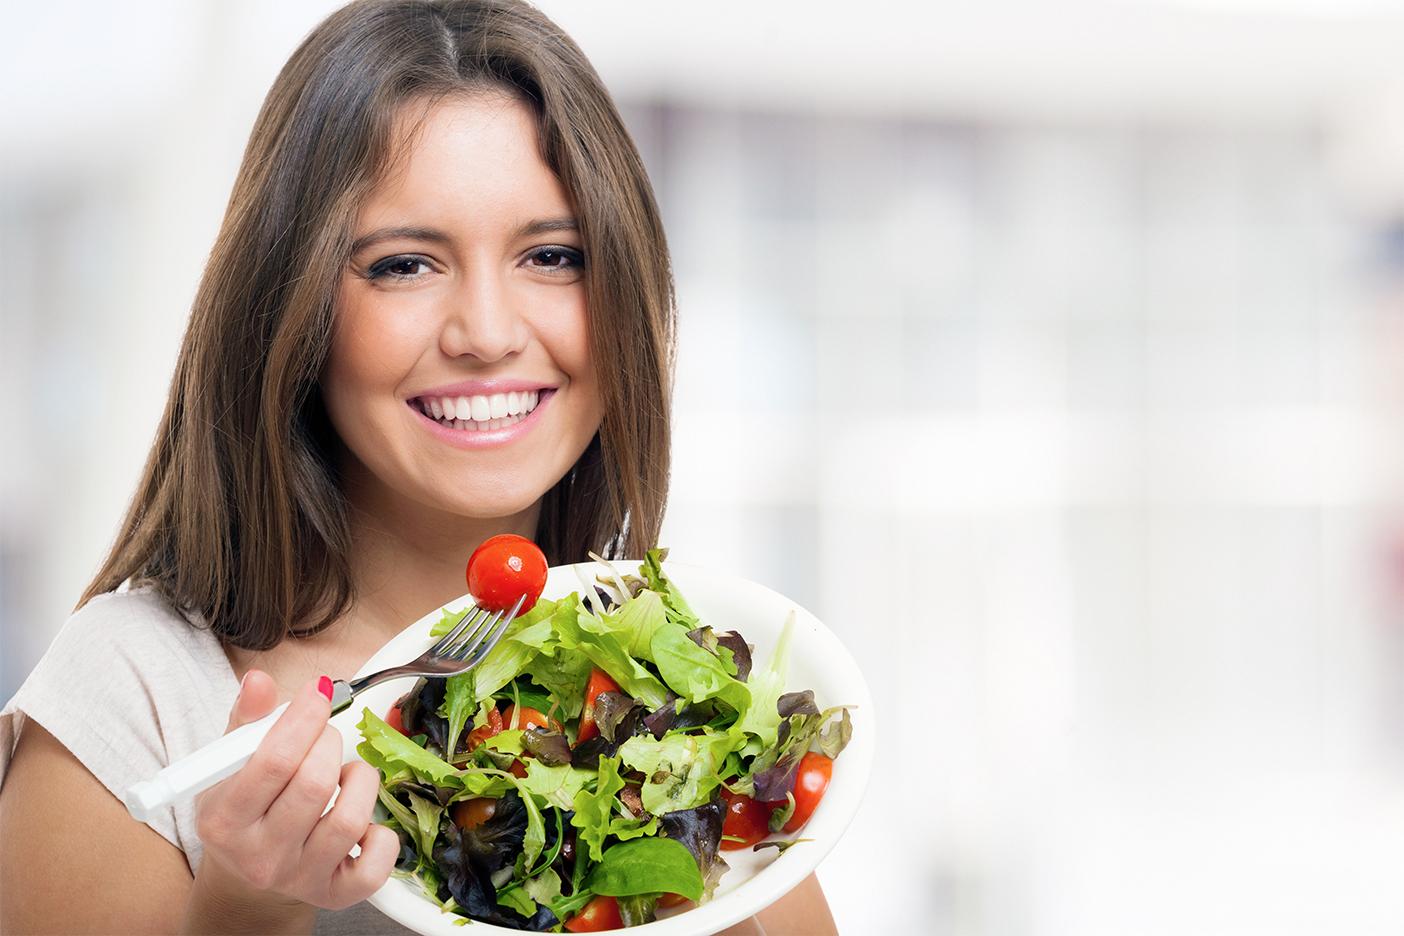 A saúde mental de um indivíduo depende de uma série de fatores que podem influenciar no bem-estar da pessoa, entre eles, consumir alimentos funcionais.